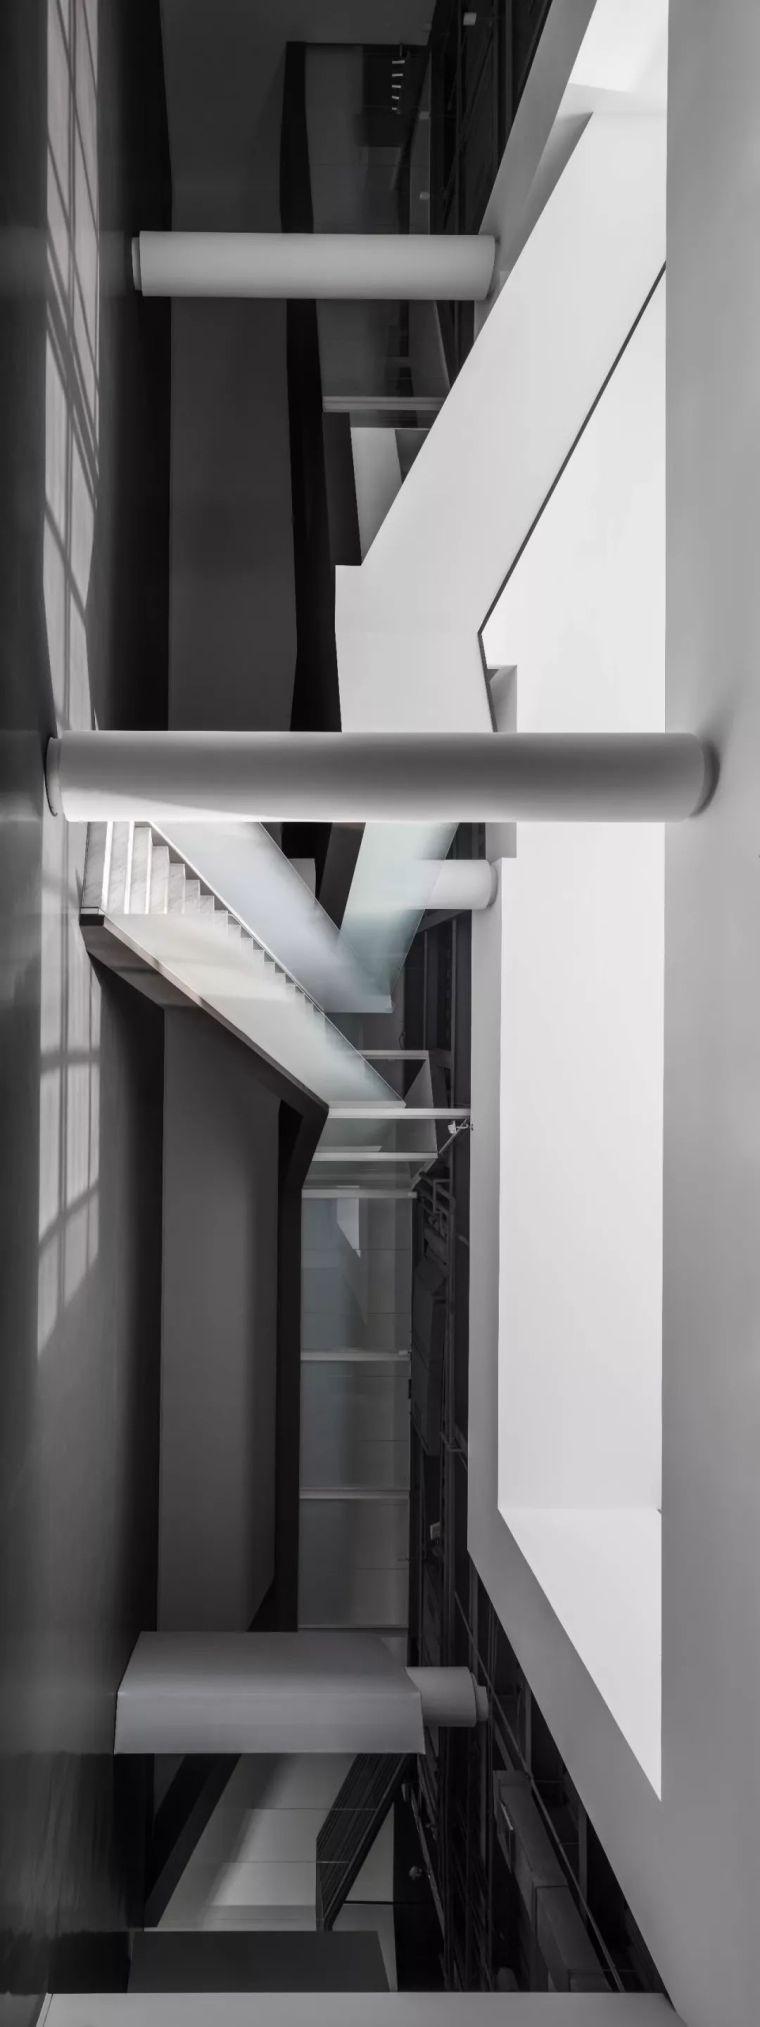 2300㎡的美术馆设计